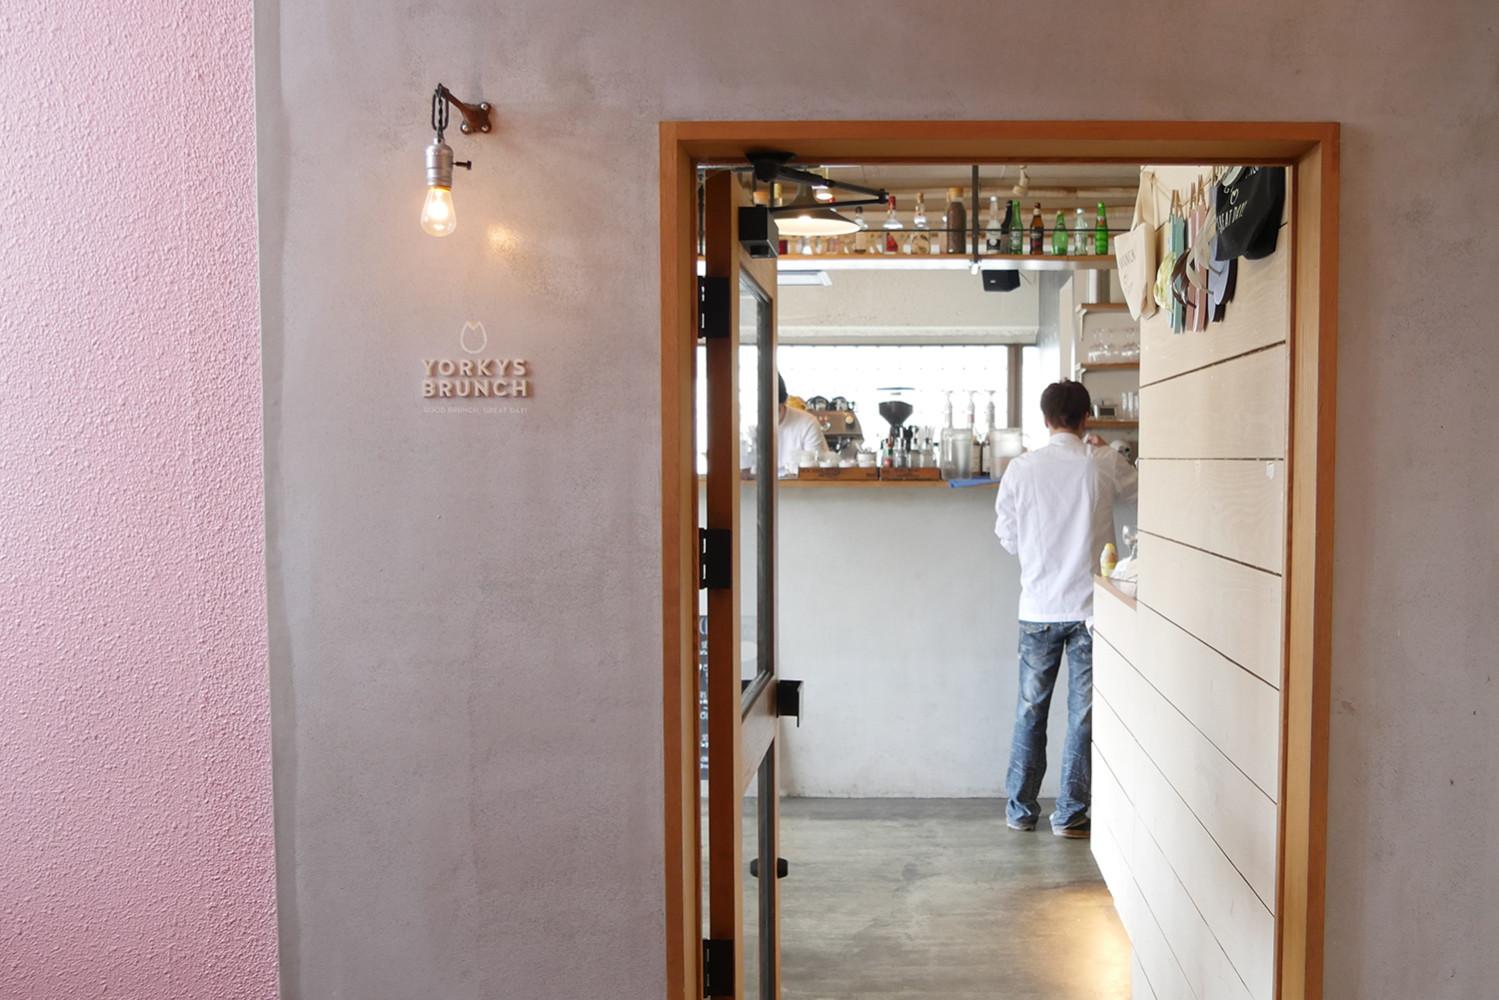 兵庫県西宮夙川の人気カフェヨーキースブランチ の入り口